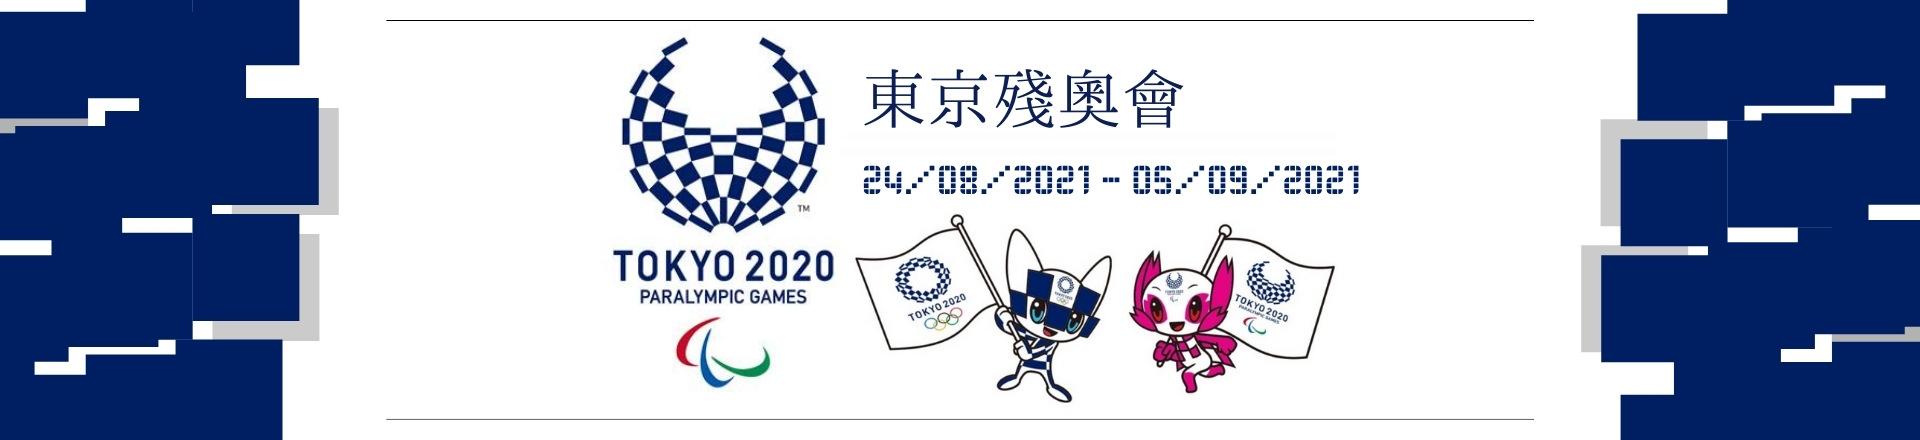 東京殘奧會開幕|撐!香港代表團!(附有運動員Instagram & facebook)